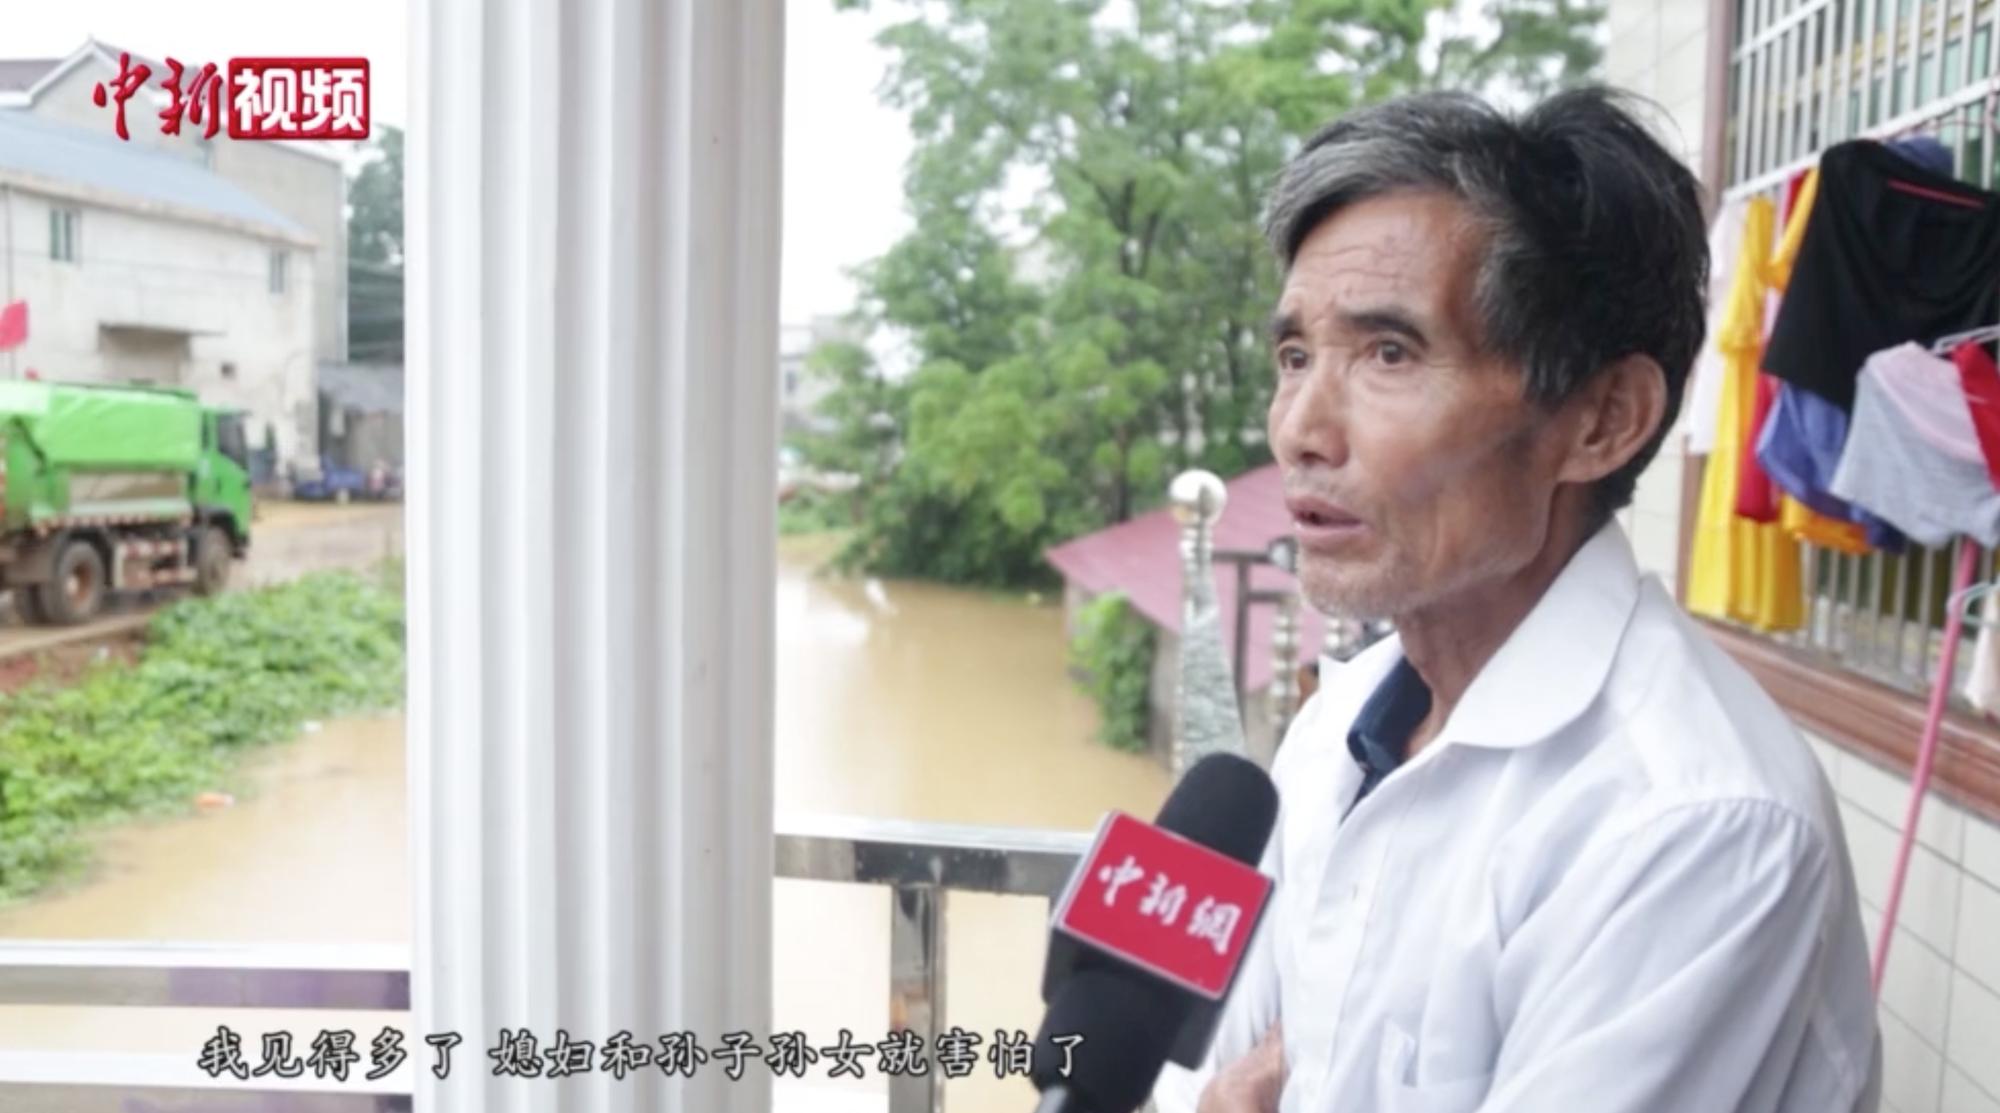 Trung Quốc: Cảnh báo hồ nước ngọt lớn nhất nước sắp tràn bờ, người dân lo ngại thảm họa đại hồng thủy 1998 lặp lại - Ảnh 5.